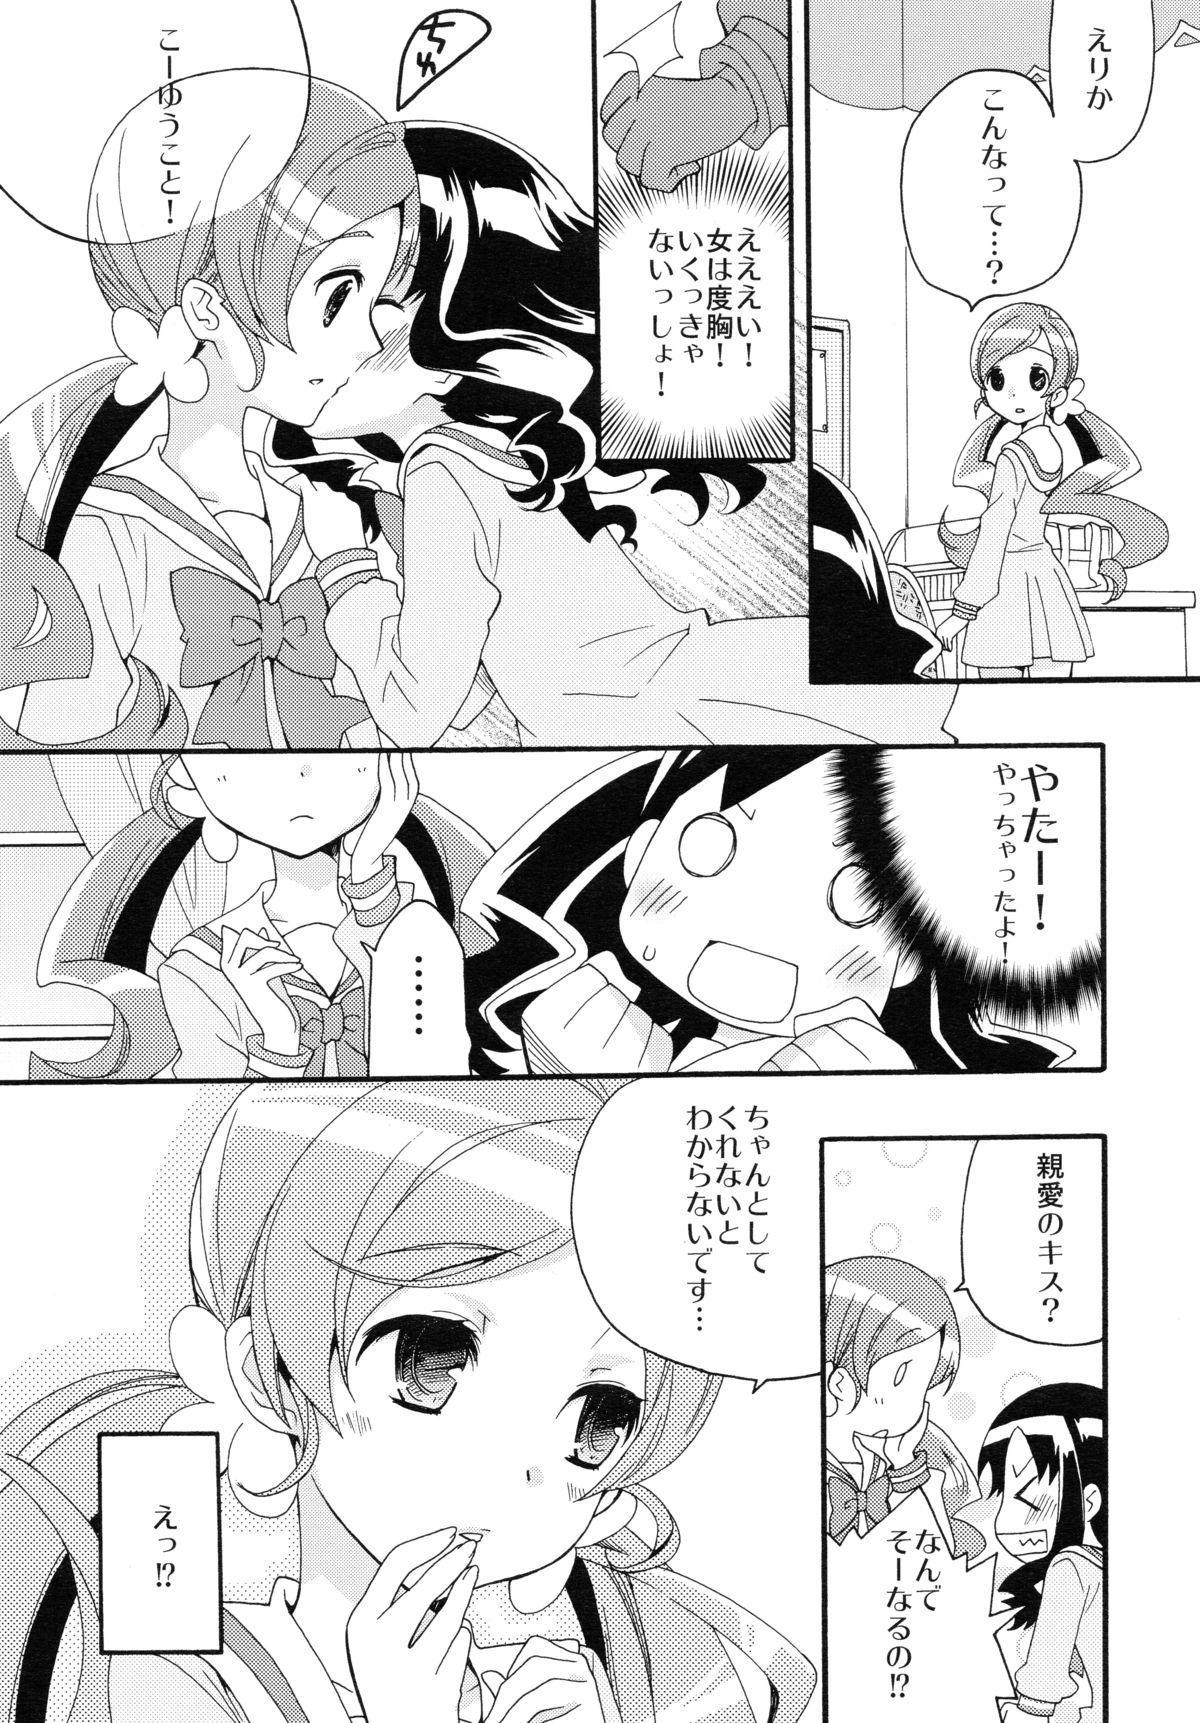 Hajimemashite no Mahou 14